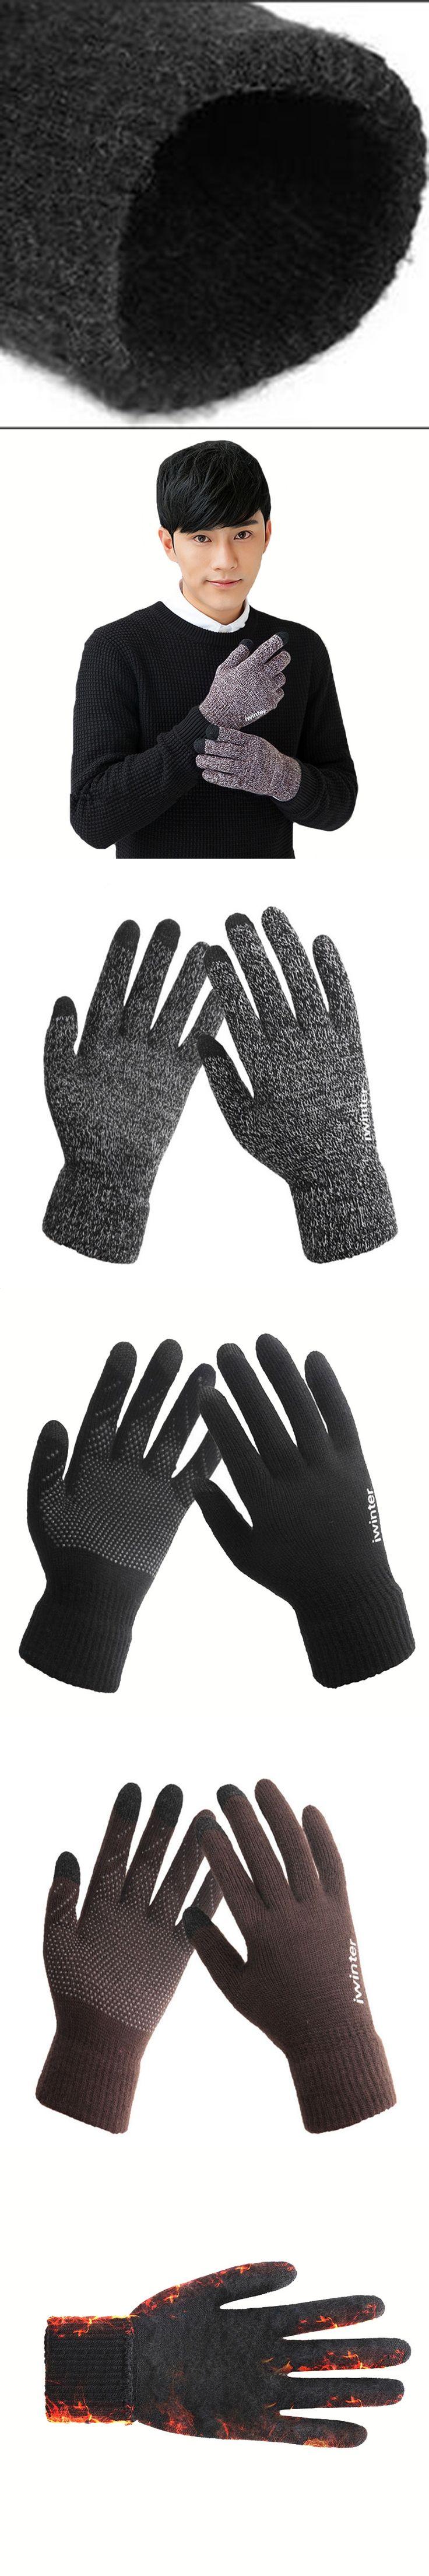 Non-slip Winter Gloves Wrist Black Touchscreen Mittens Skid Gloves Women Warm Men Thick Gym Gloves Top Quality